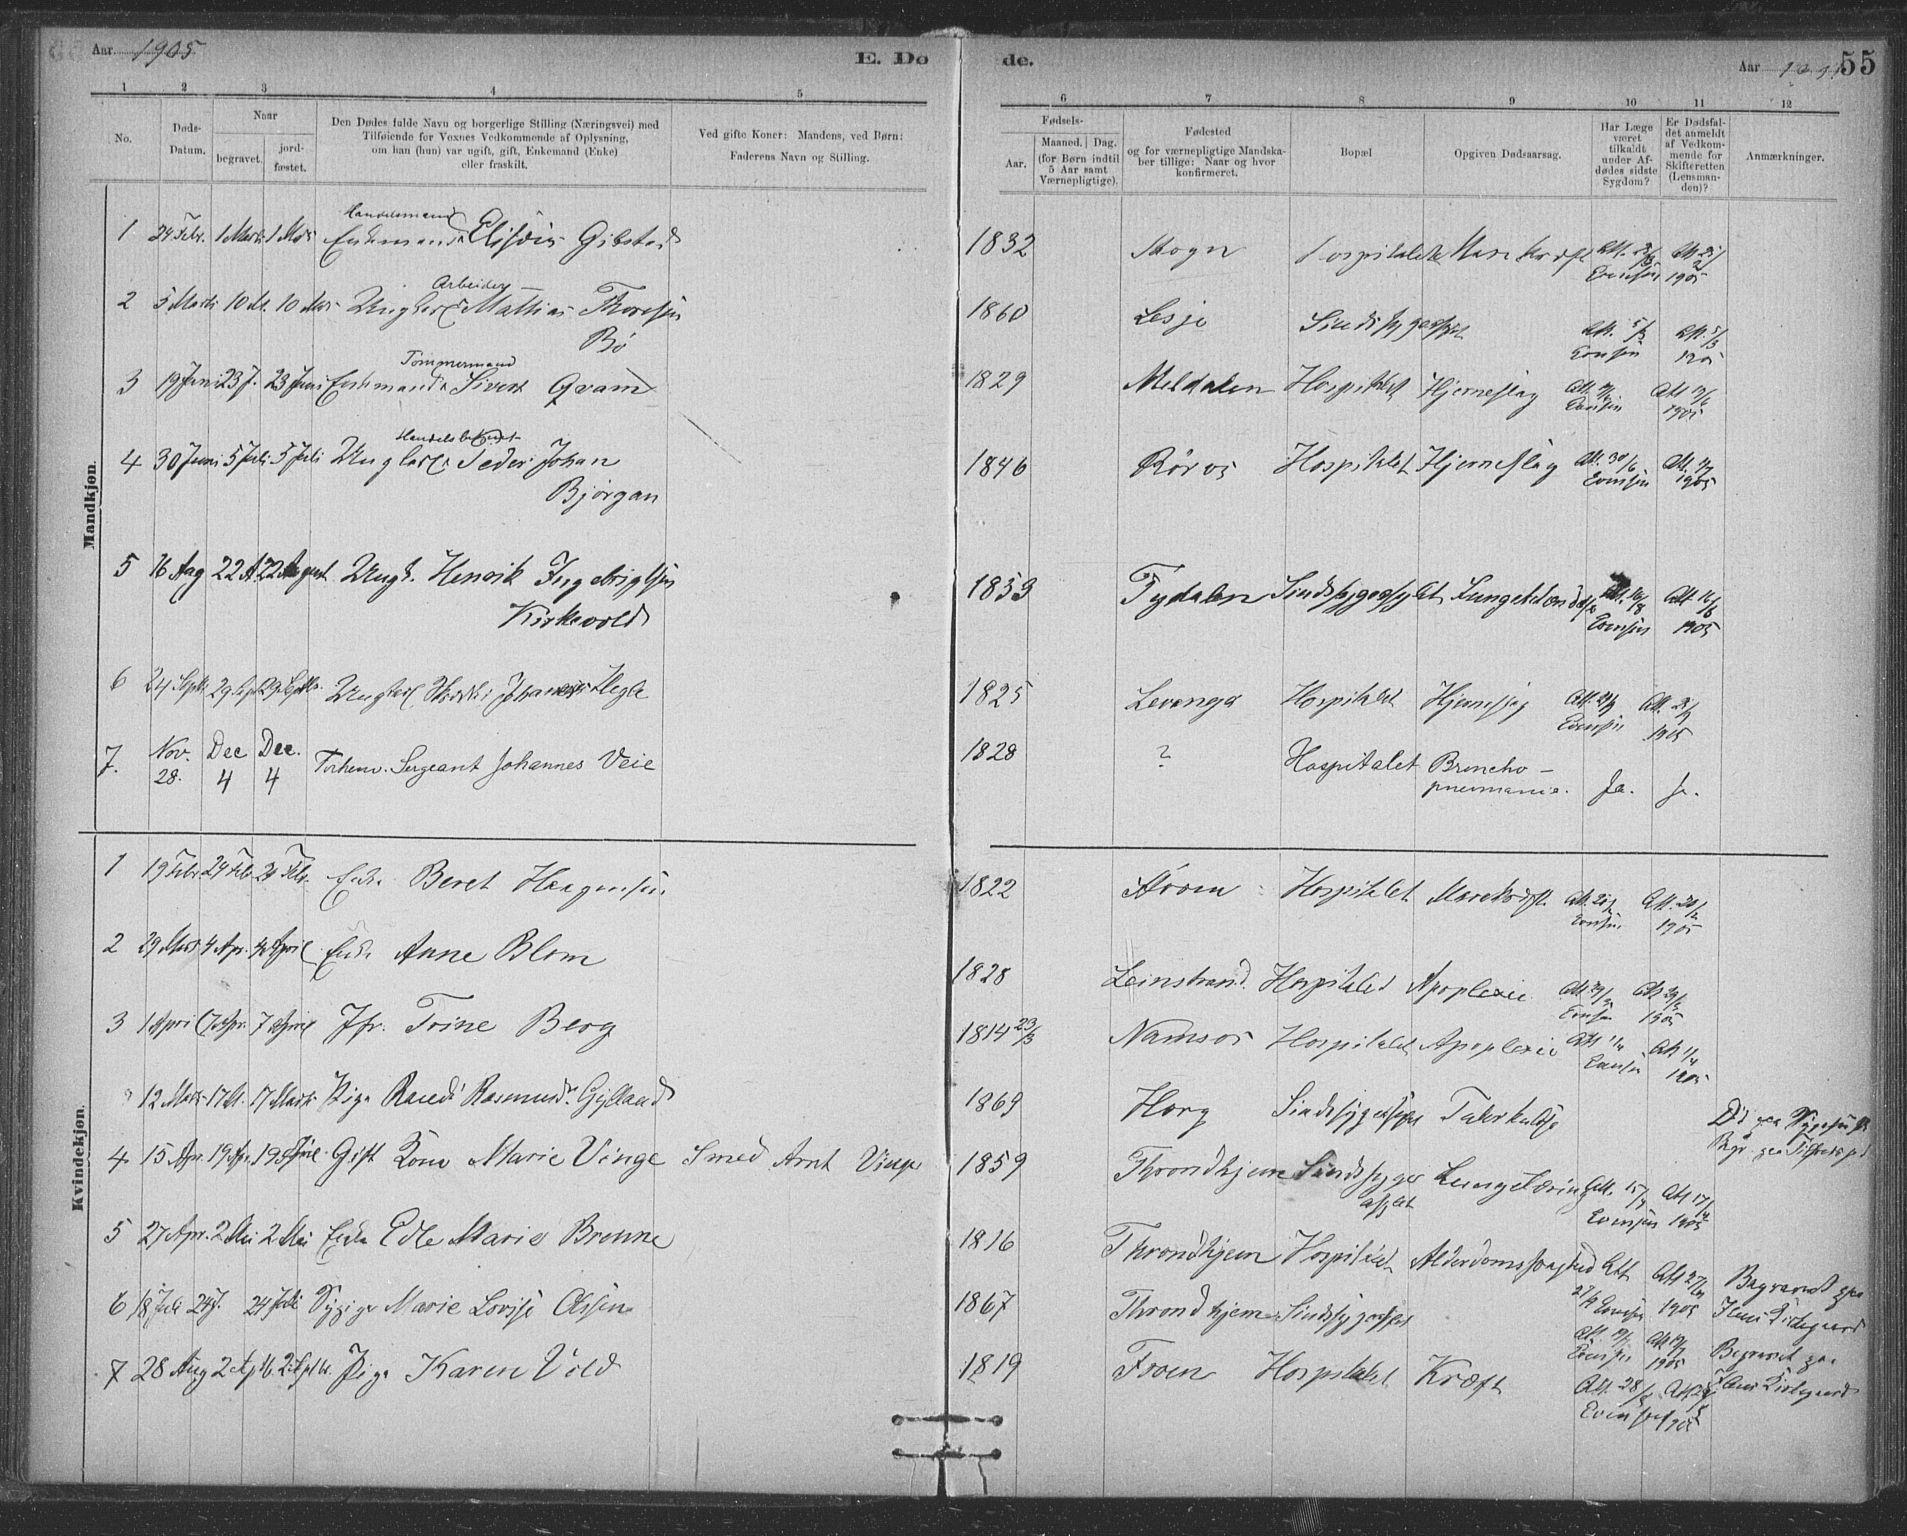 SAT, Ministerialprotokoller, klokkerbøker og fødselsregistre - Sør-Trøndelag, 623/L0470: Ministerialbok nr. 623A04, 1884-1938, s. 55